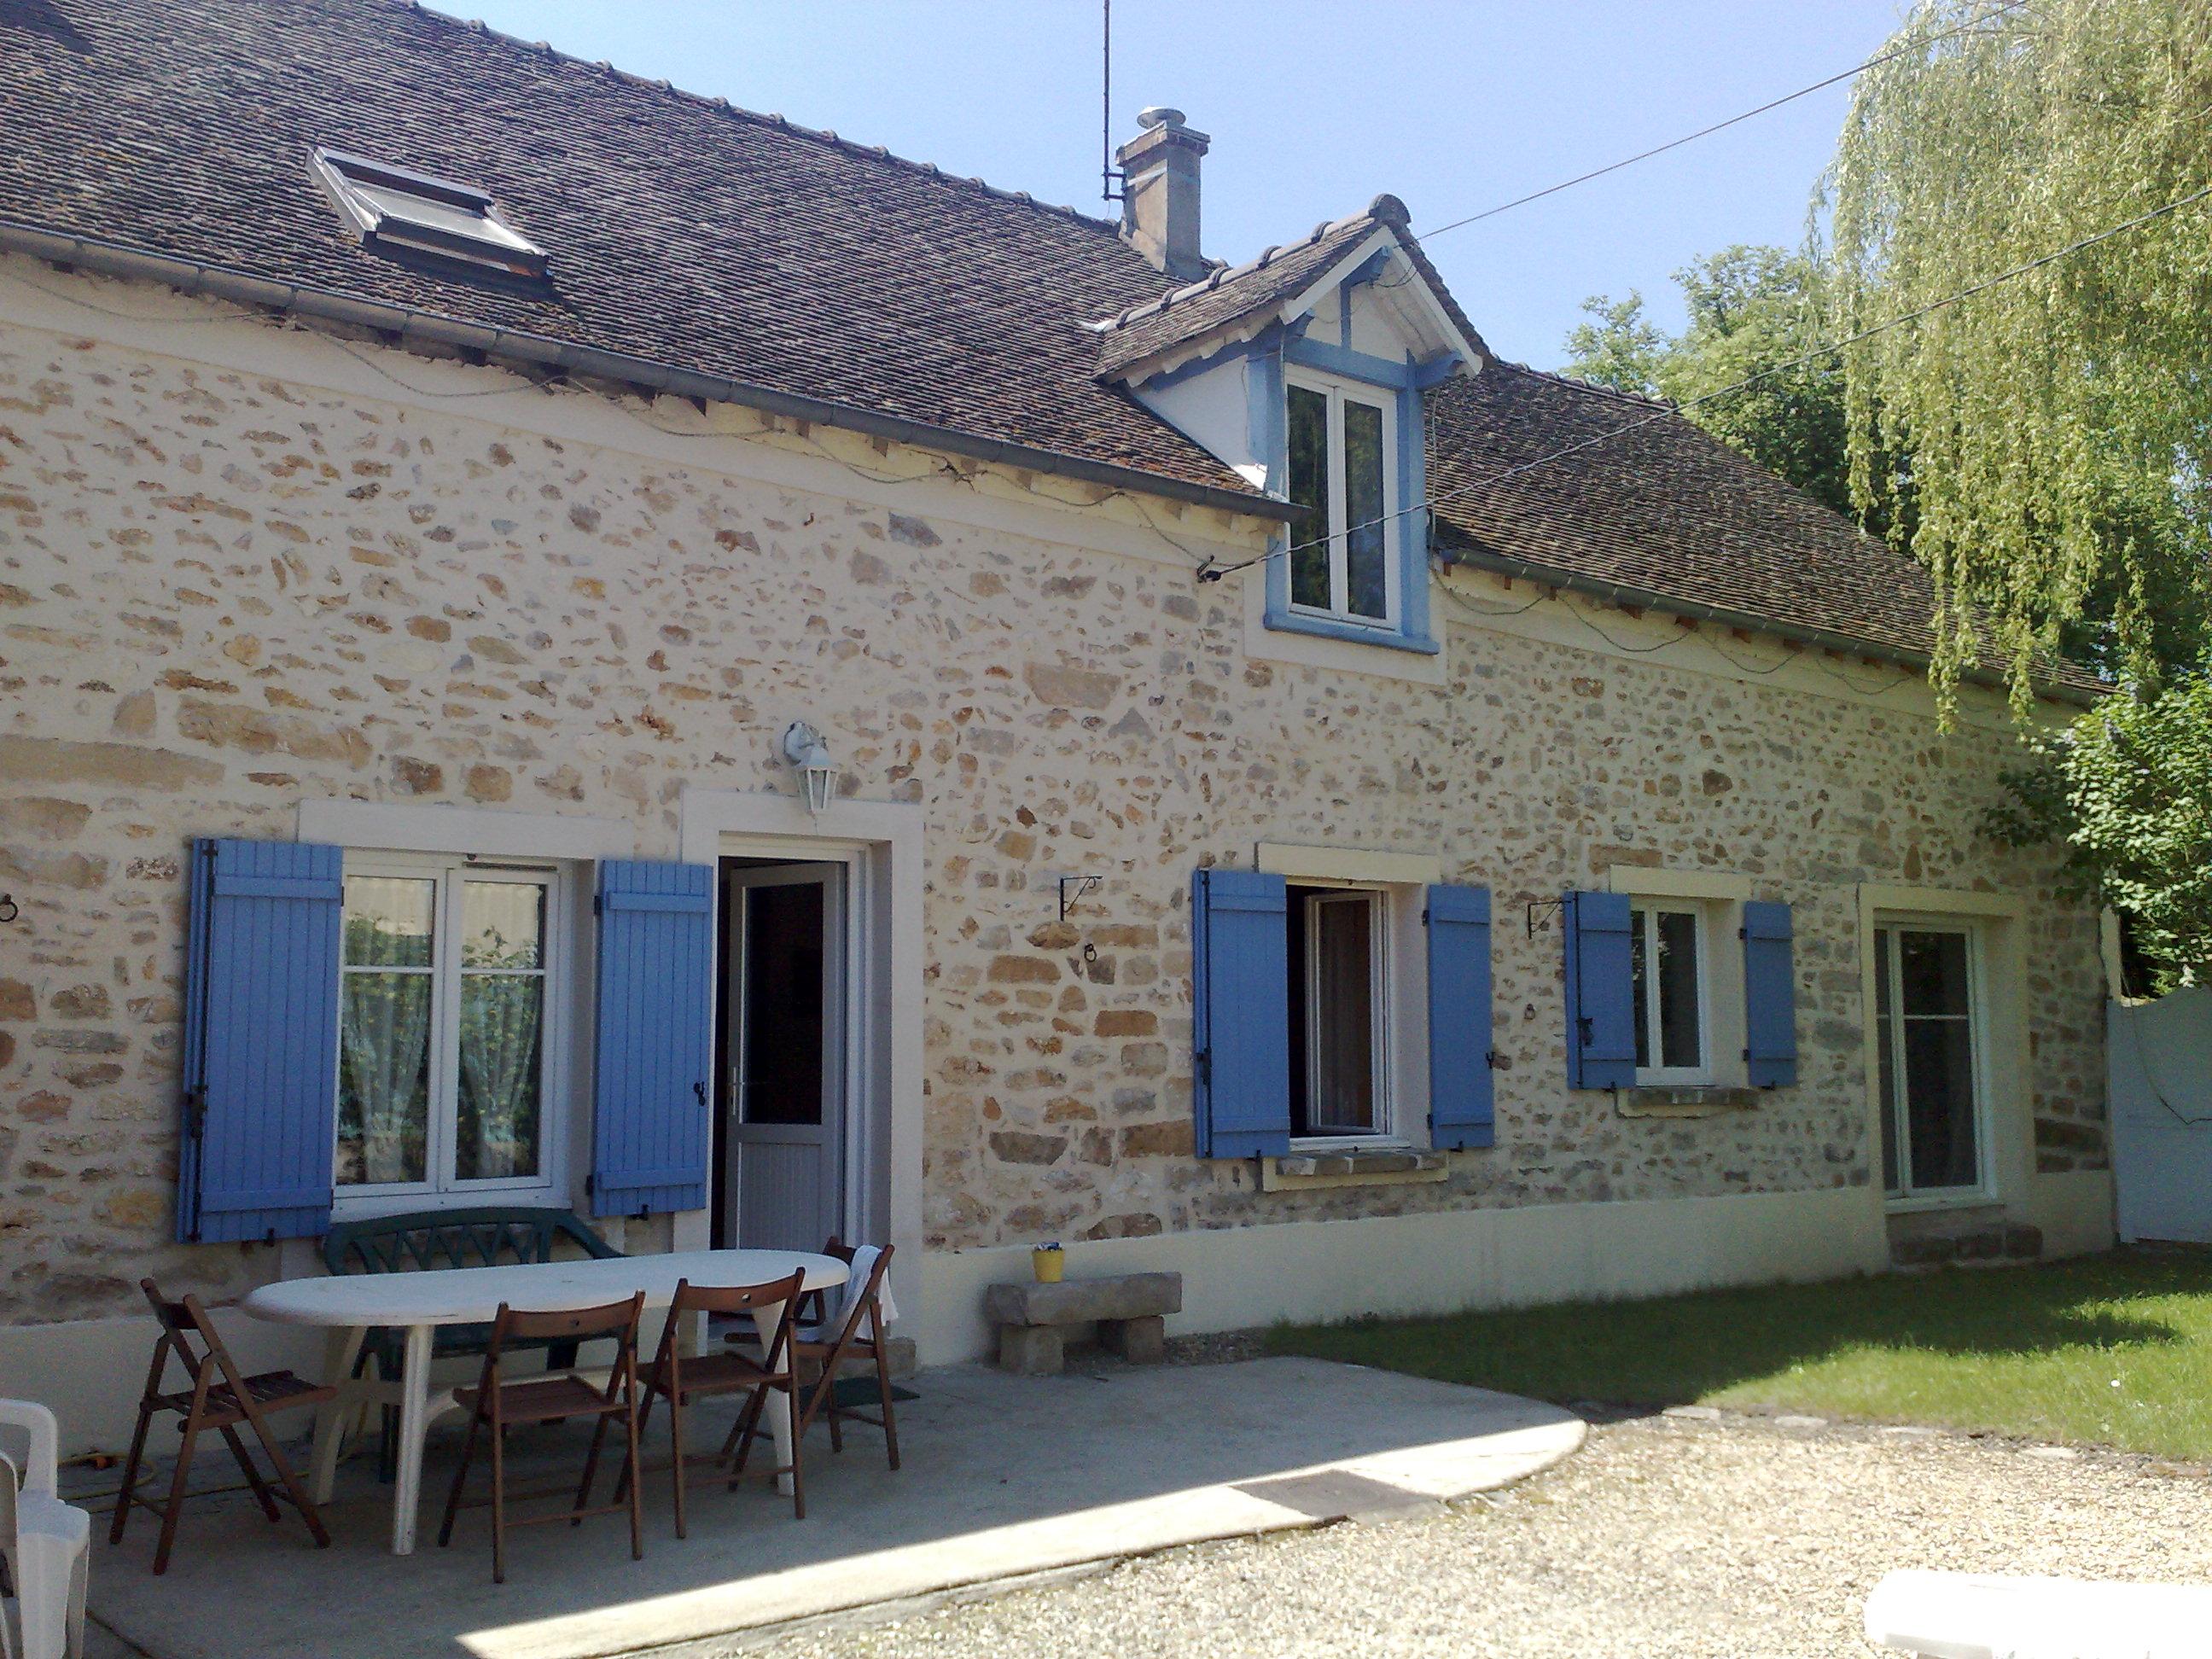 Location Maison 06 Le Bon Coin